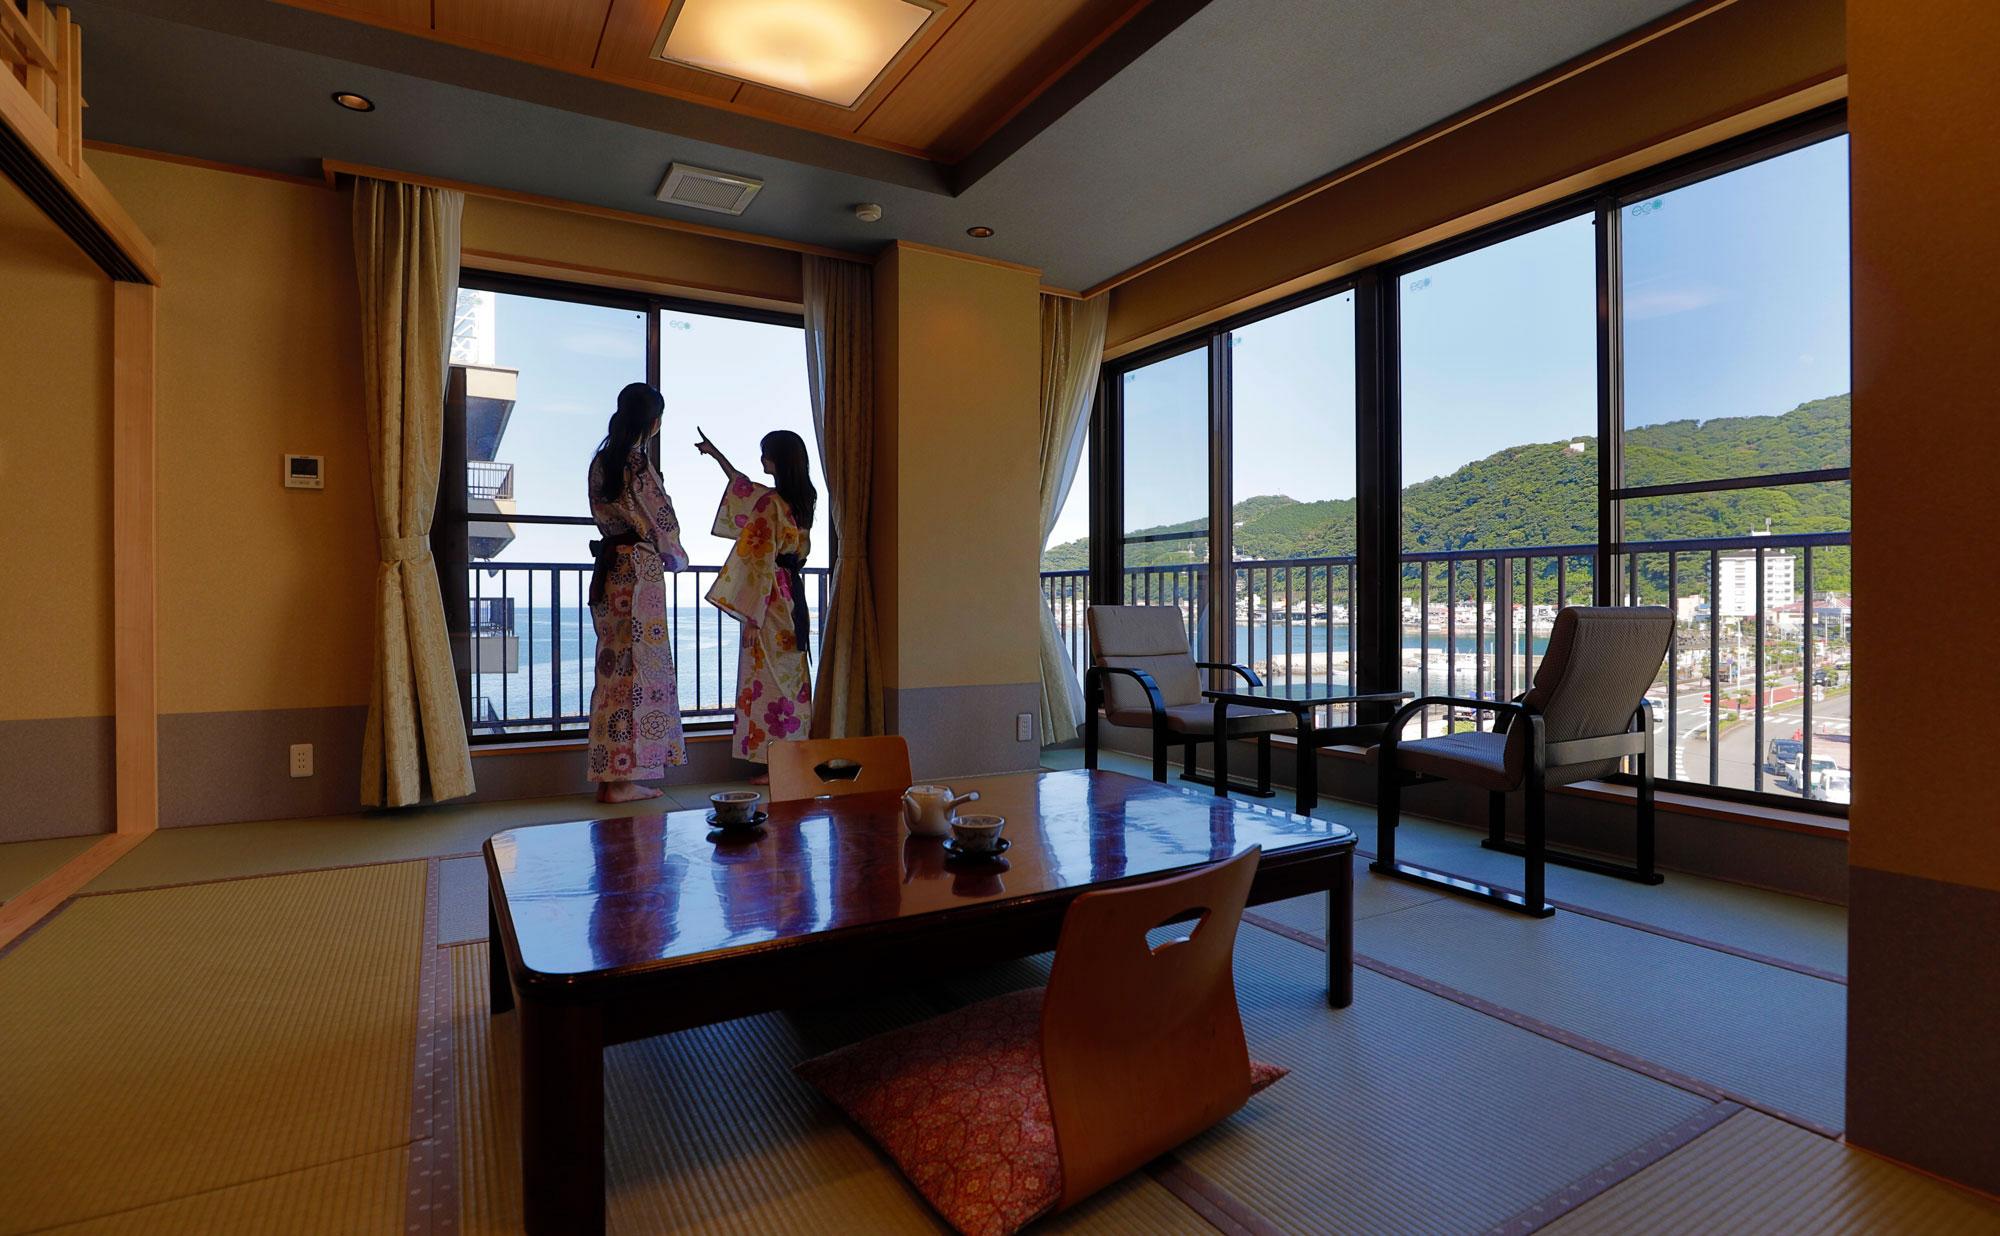 熱海温泉湯の宿平鶴 一般客室